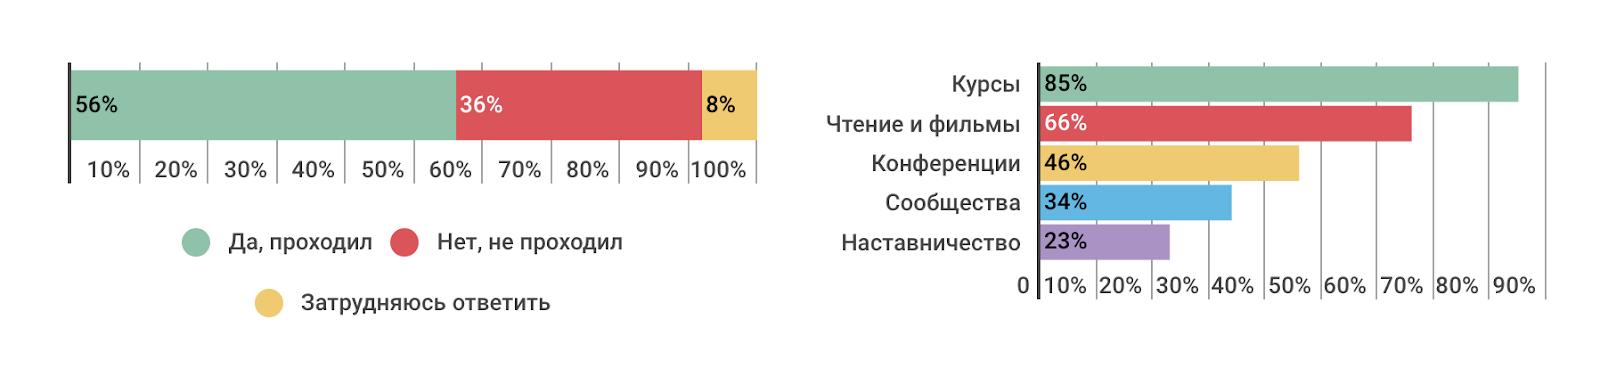 Профессиональные или жизненные навыки: что важнее в ИТ-индустрии сегодня и в будущем (результаты опроса) - 19